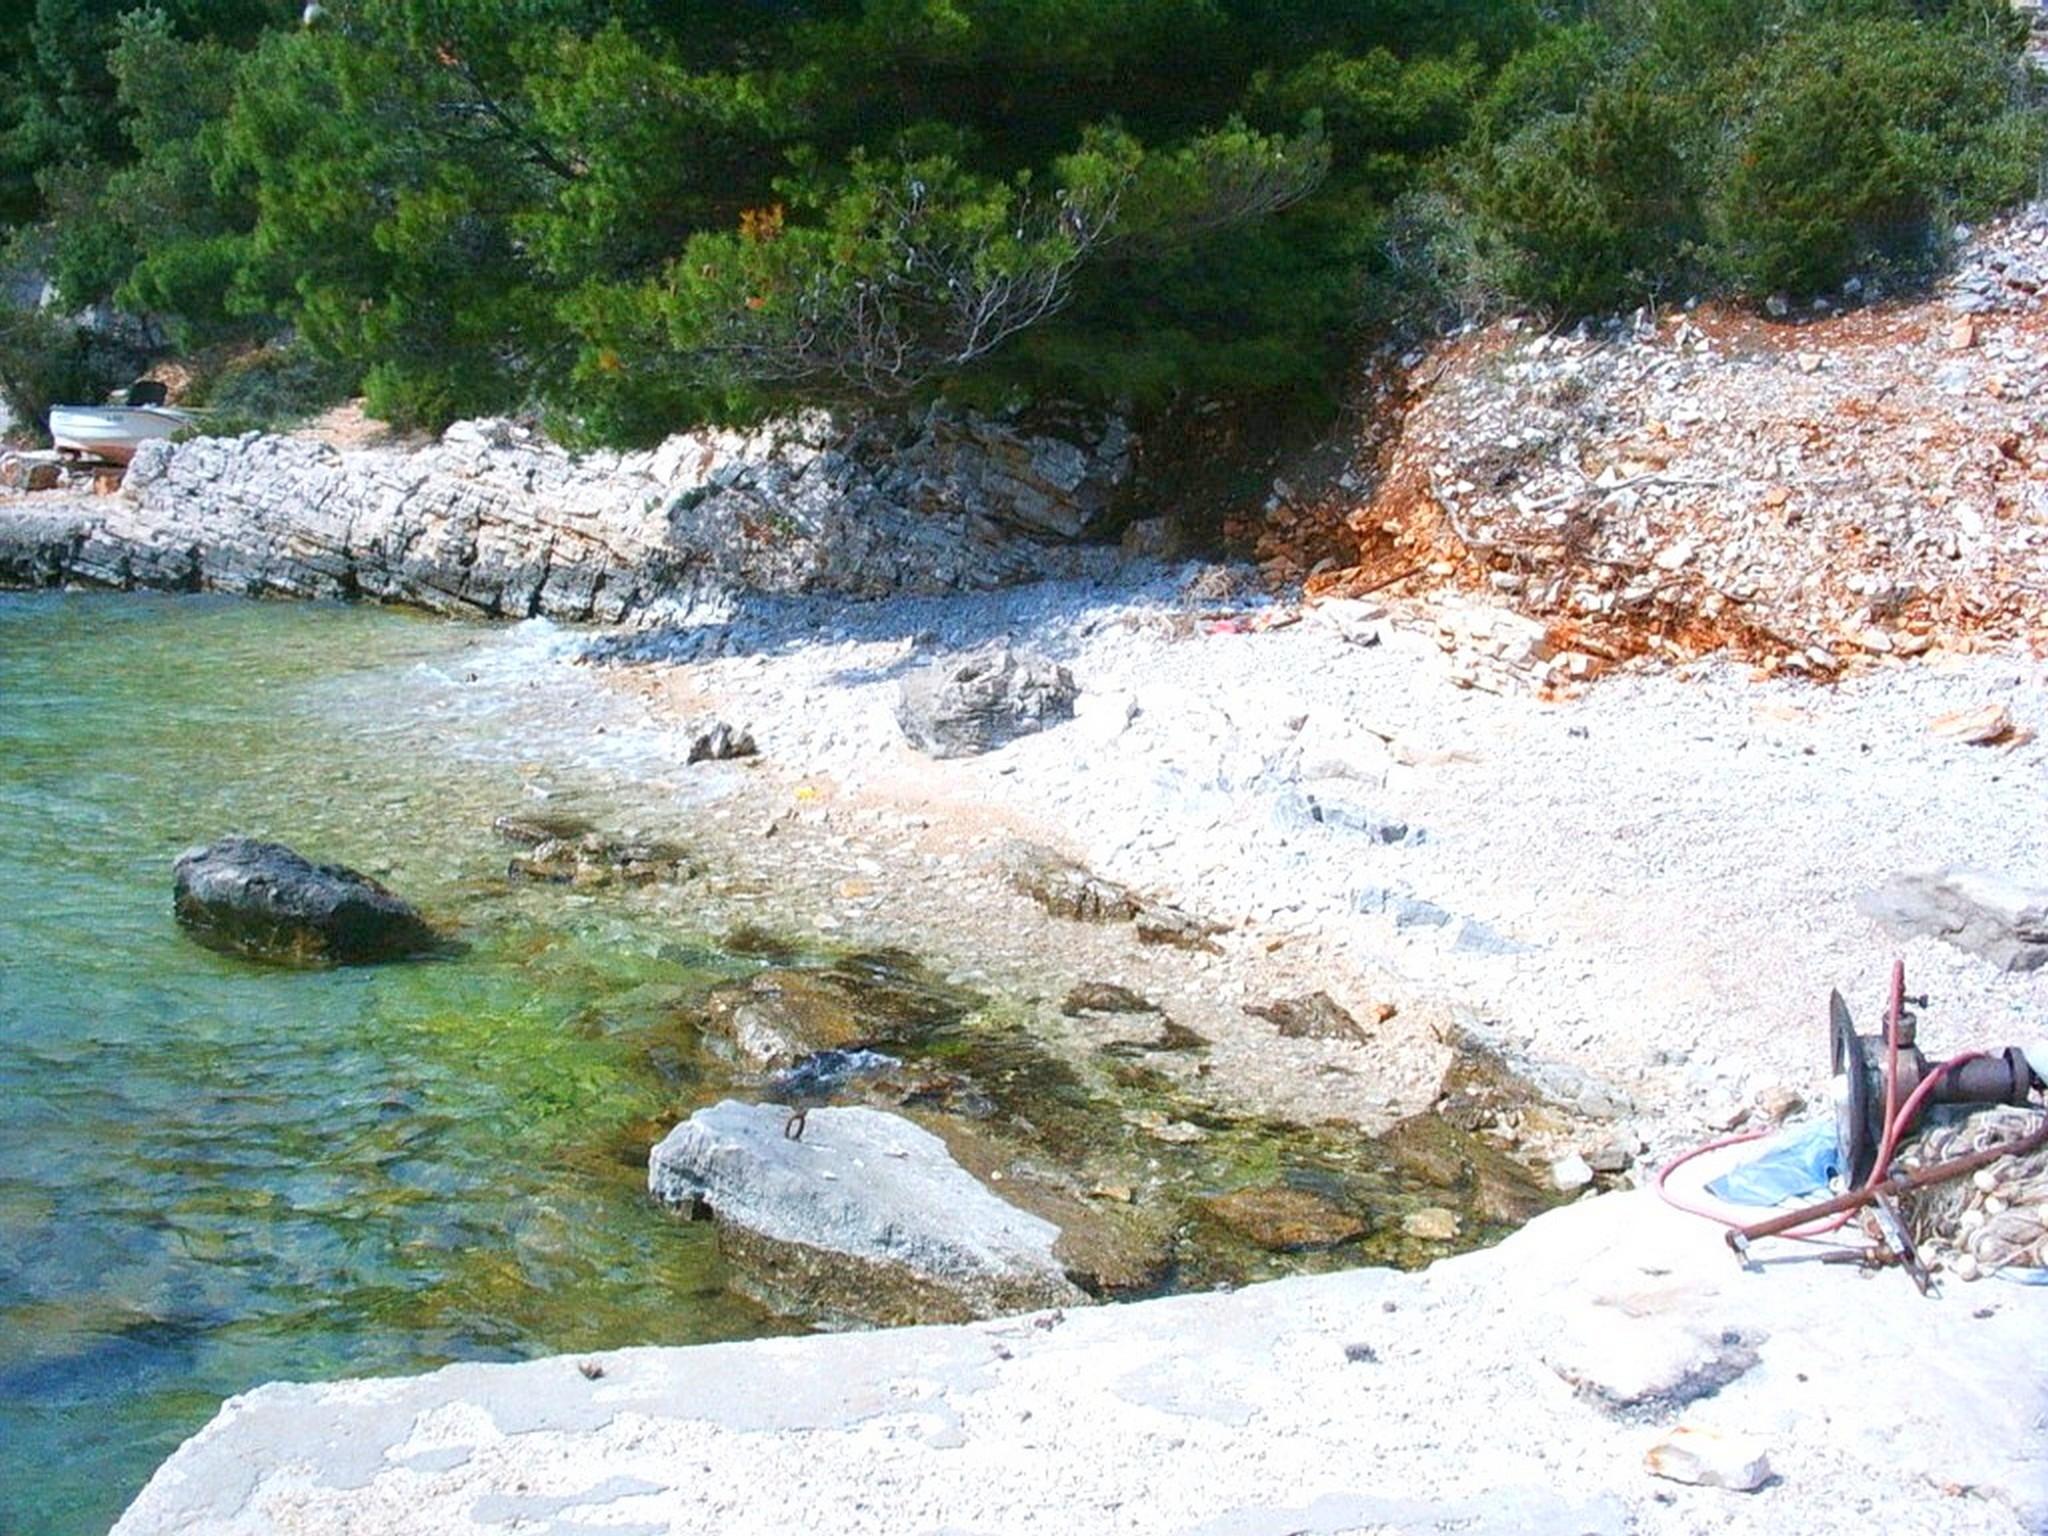 Ferienwohnung Ferienwohnungen Duaan, Apartman A4 (942266), Vrbanj, Insel Hvar, Dalmatien, Kroatien, Bild 9